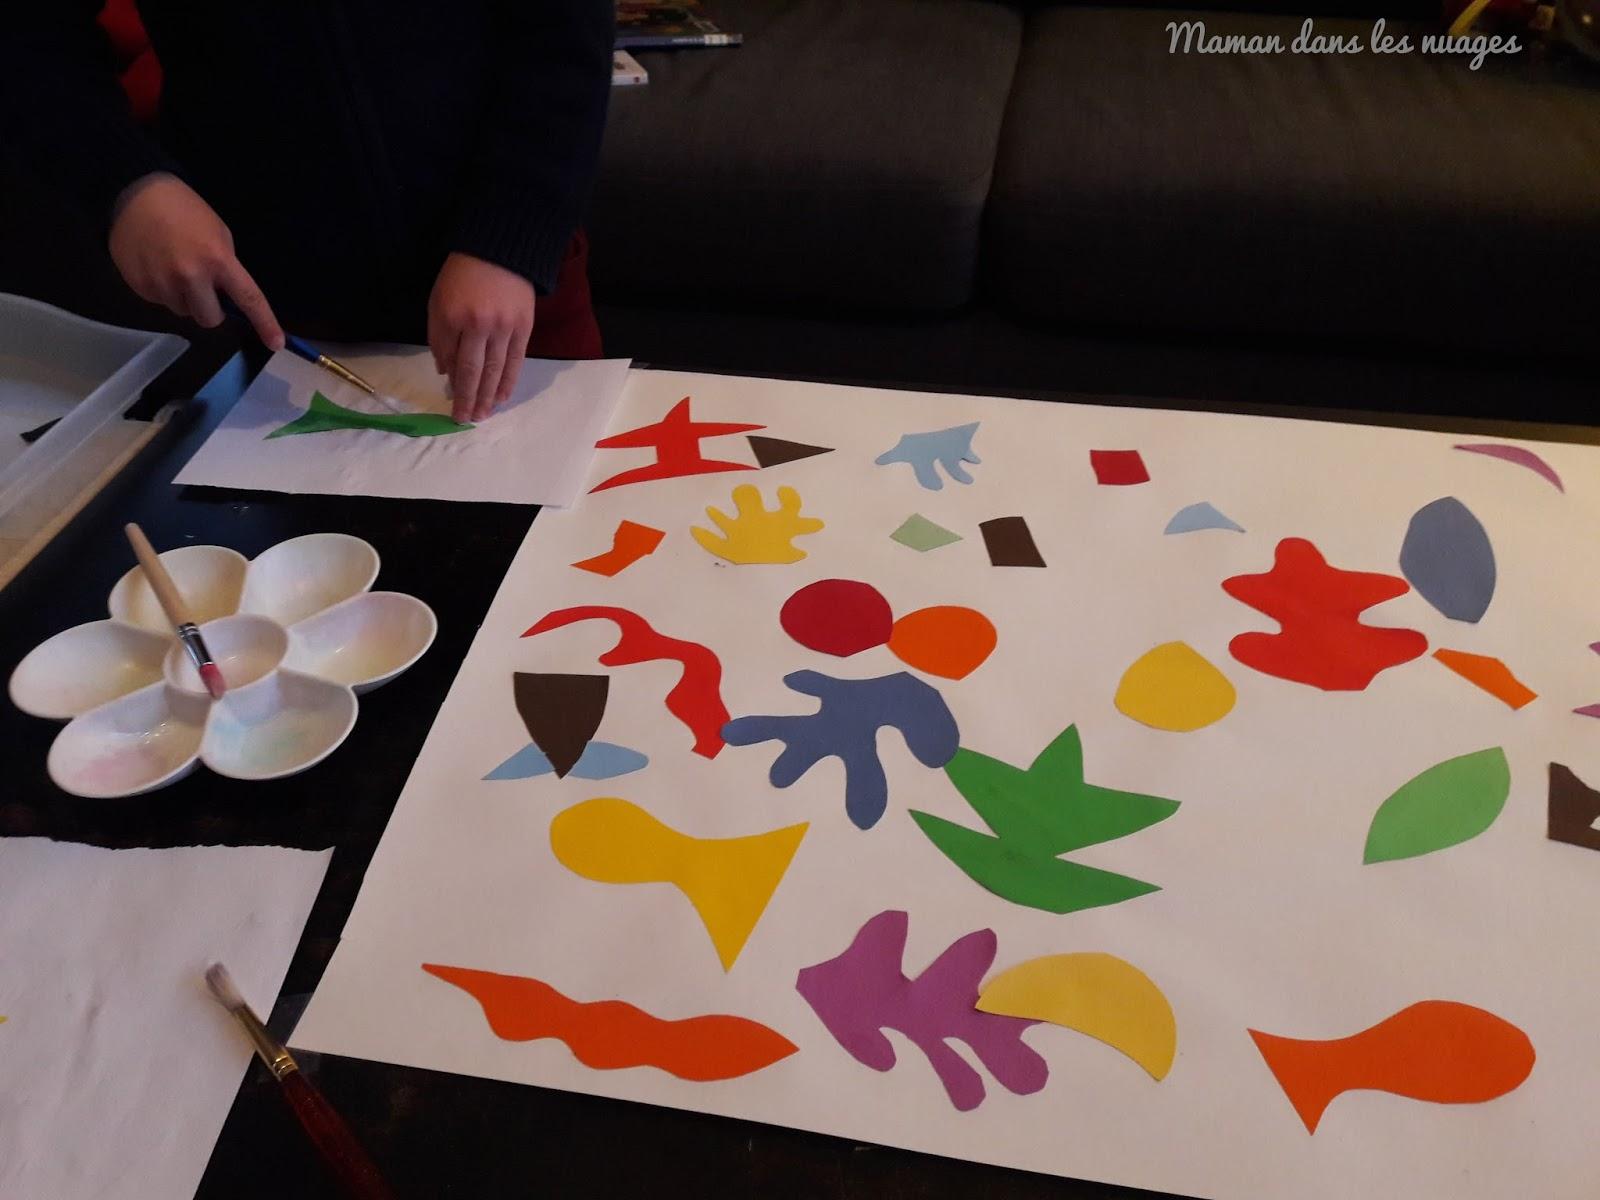 Un Maman Manière Les Matisse Est Jeu NuagesA La Dans {l'art De DIWHE92